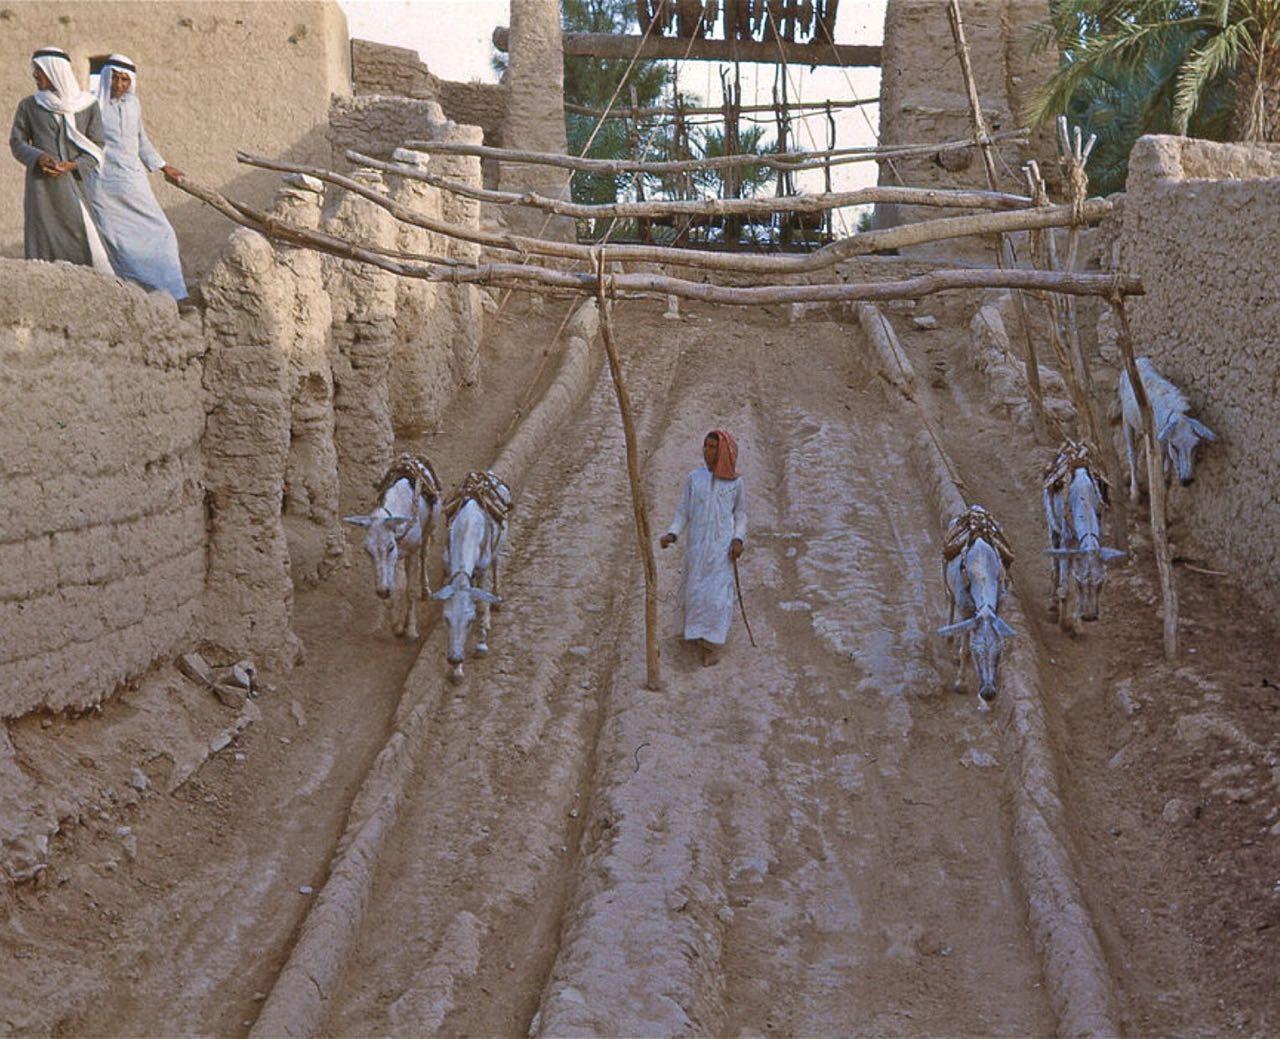 Riyadh من تصوير كراين طبيب الملك عبدالعزيز الله يرحمه صور للرياض من عام 1950م هوامير البورصة السعودية Islamic Heritage Islamic Countries Old Photos